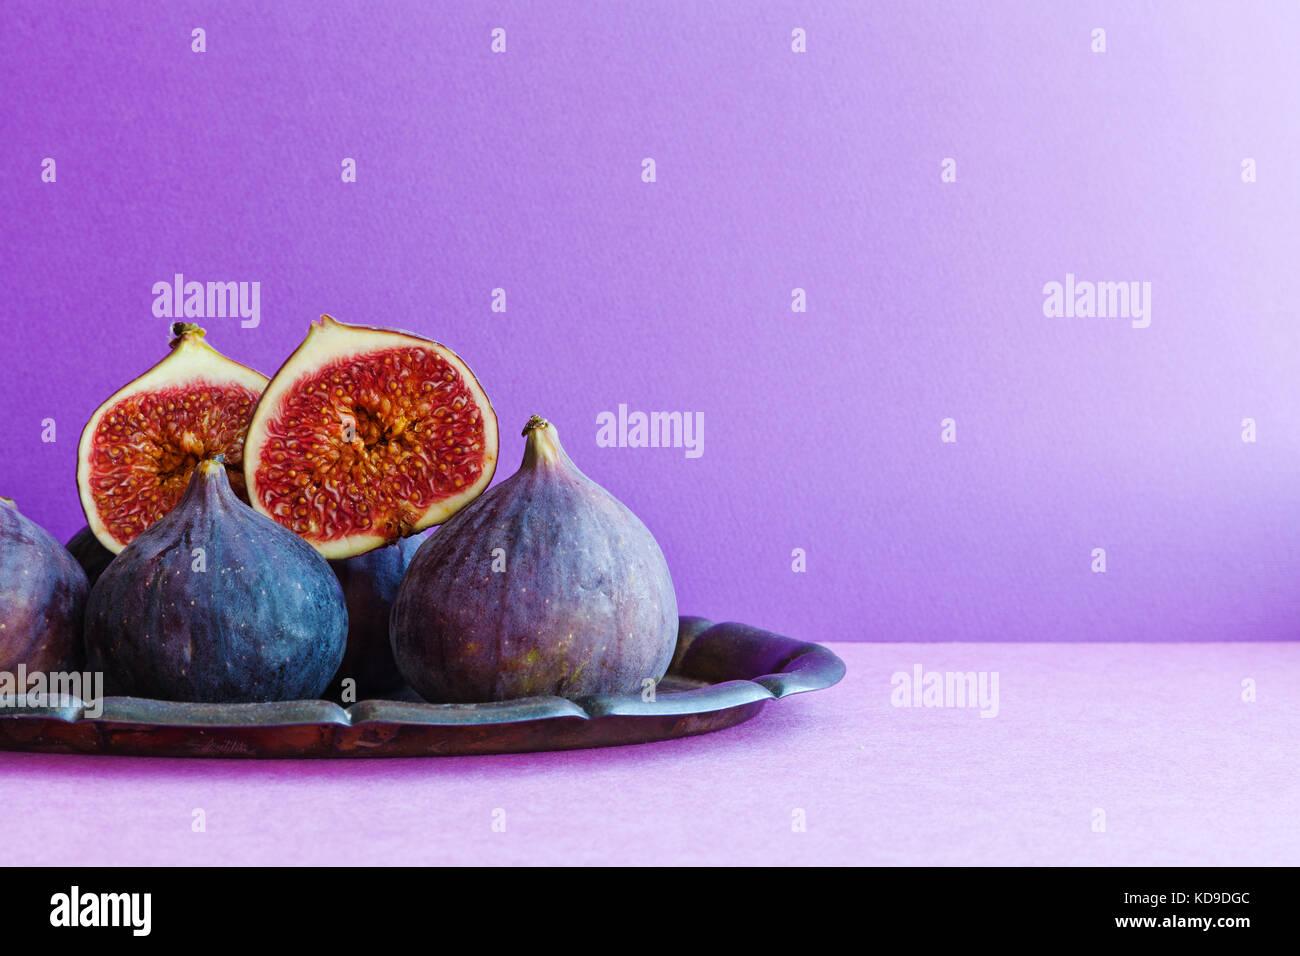 Helle noch leben Bio Feigen Früchte auf einem alten Fach, Schöne lila violett unterlegt. Selektiver Fokus Stockbild